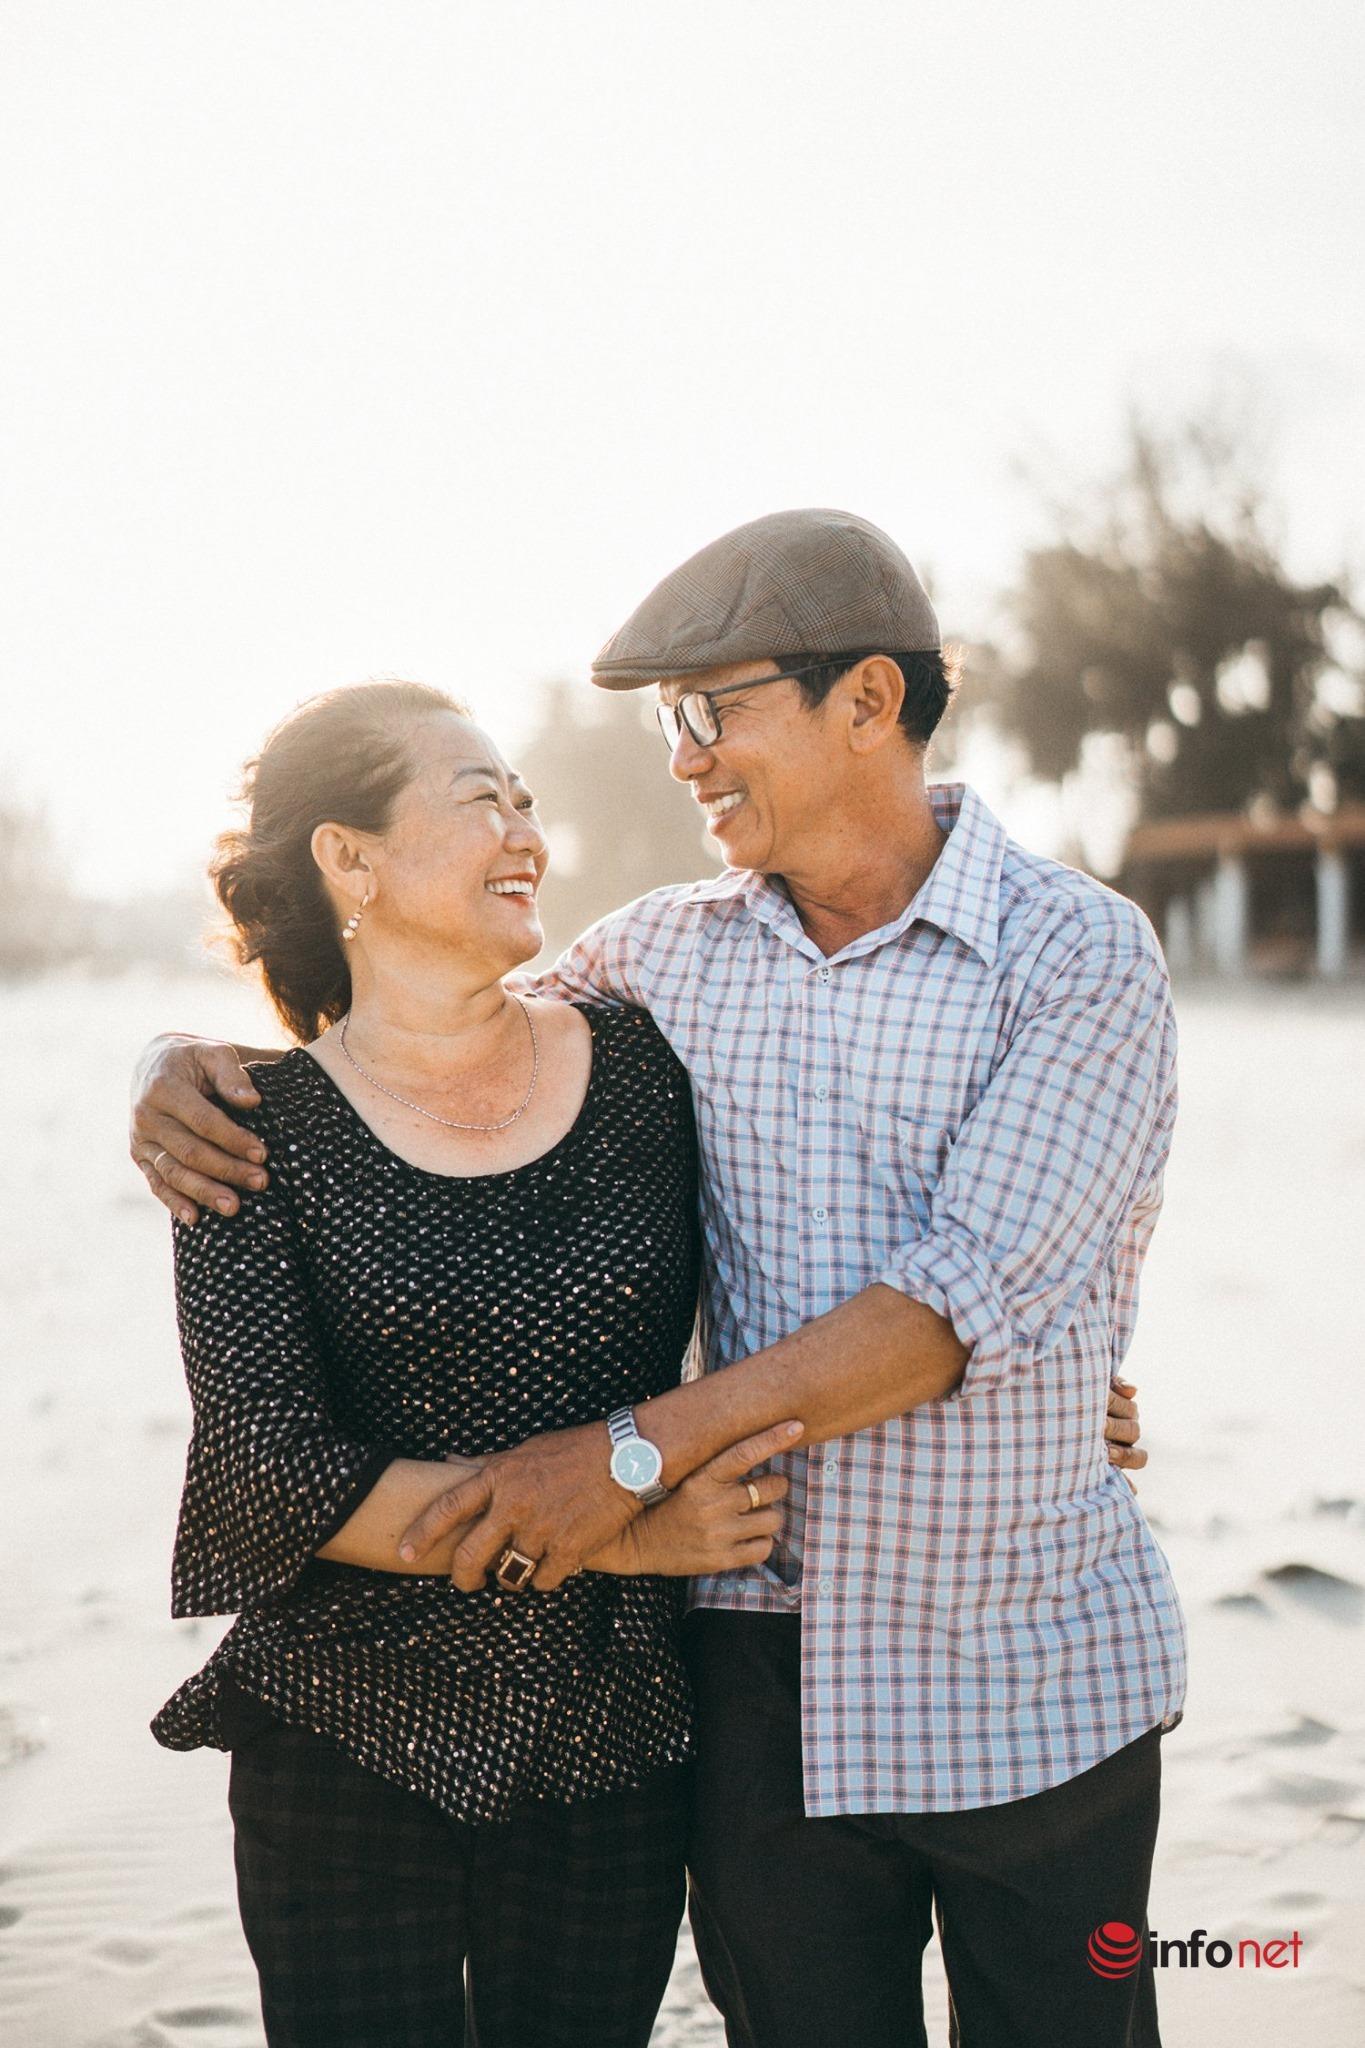 Mối tình son sắt như hình với bóng của cặp vợ chồng U60 ở Bình Thuận